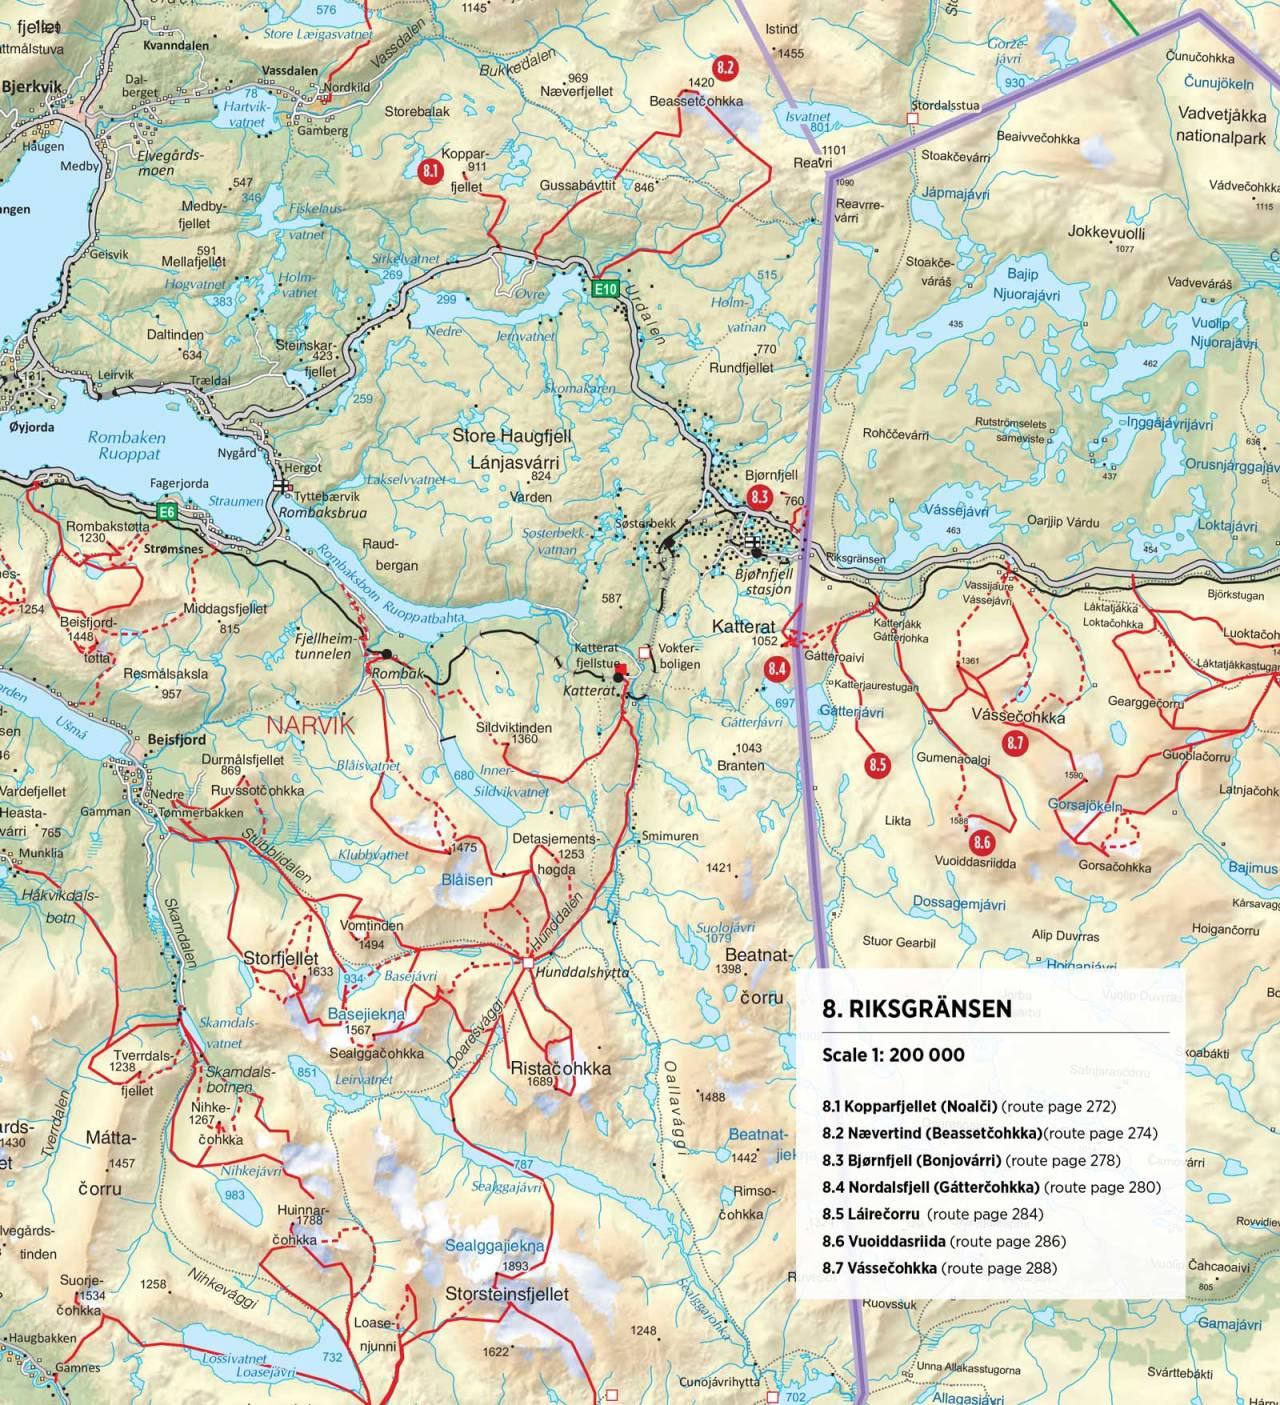 Oversiktskart over Riksgränsen. Fra Toppturer rundt Narvik.